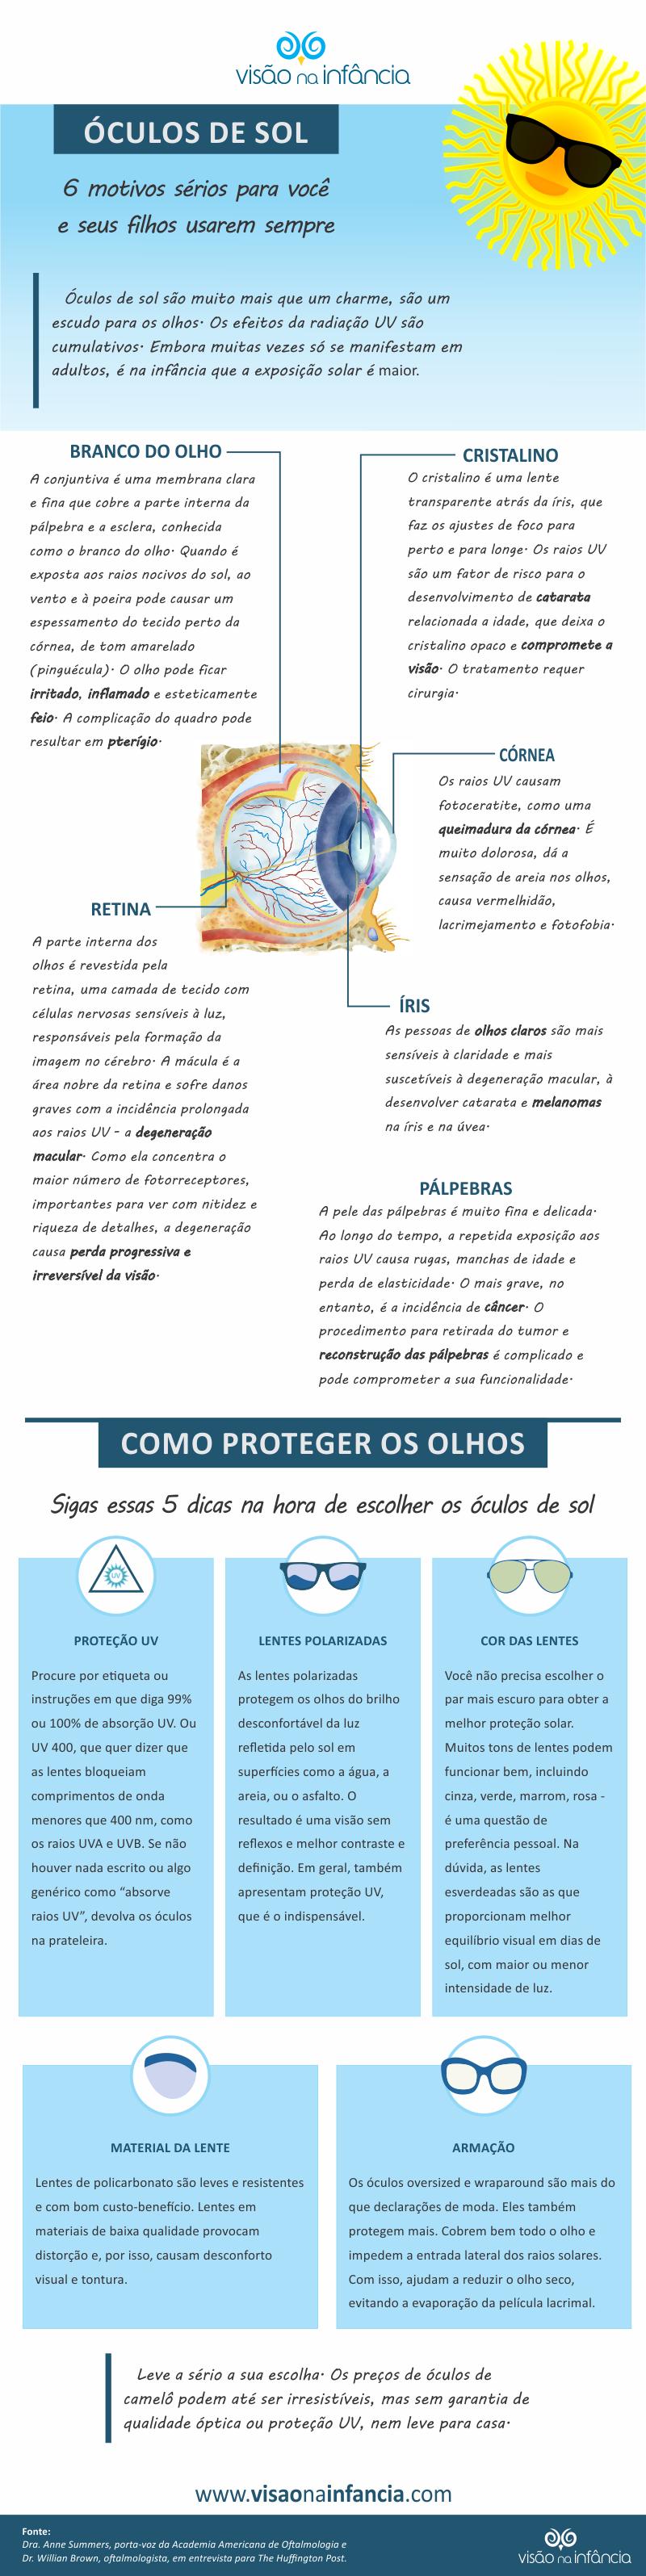 óculos de sol é a única maneira de proteger os olhos dos raios UV